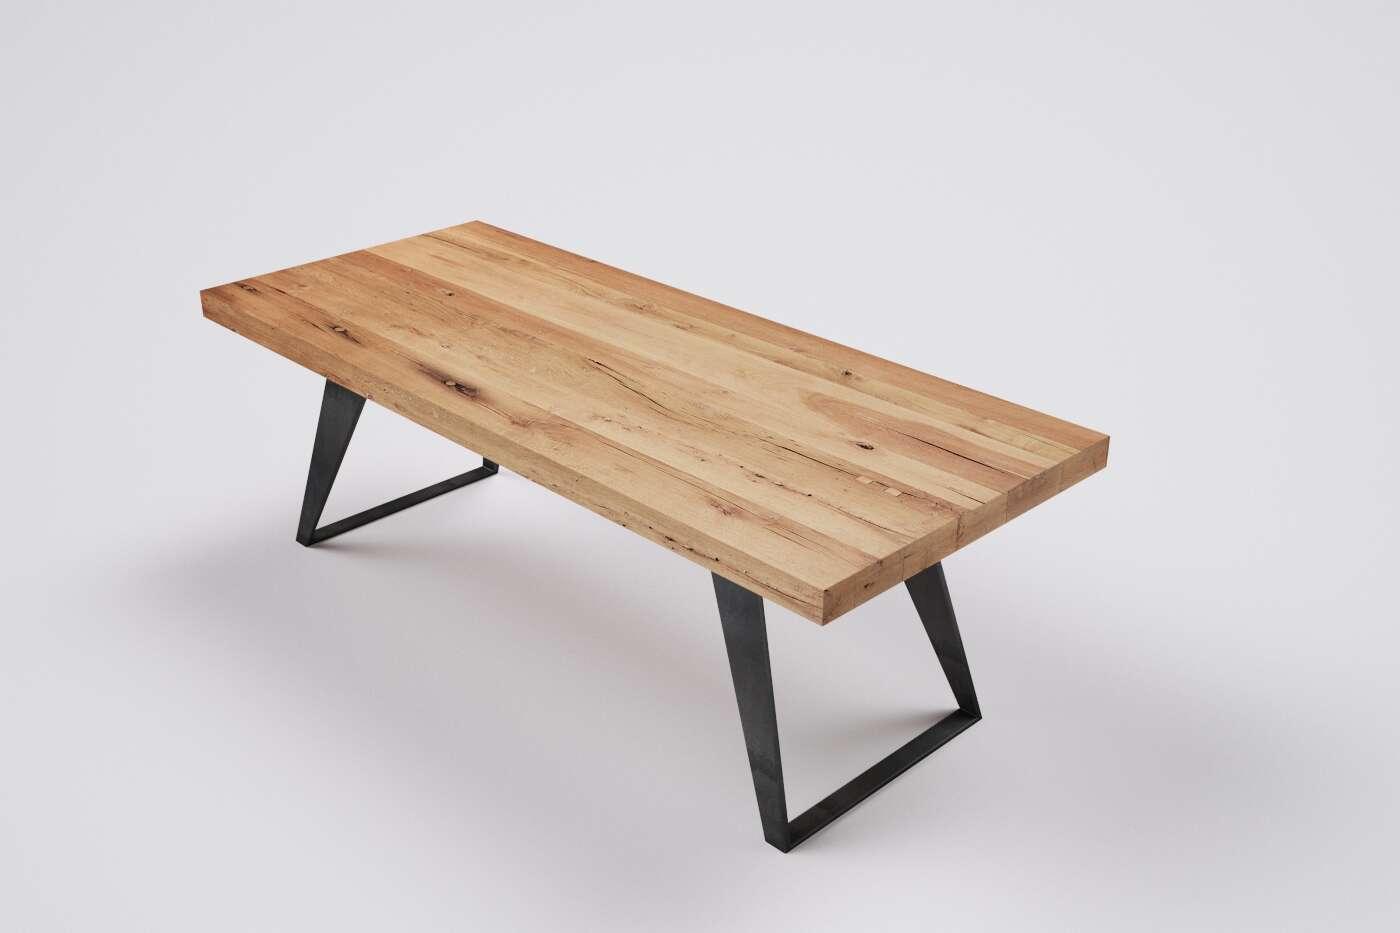 massivholz tisch altes holz auf ma wohnsektion. Black Bedroom Furniture Sets. Home Design Ideas